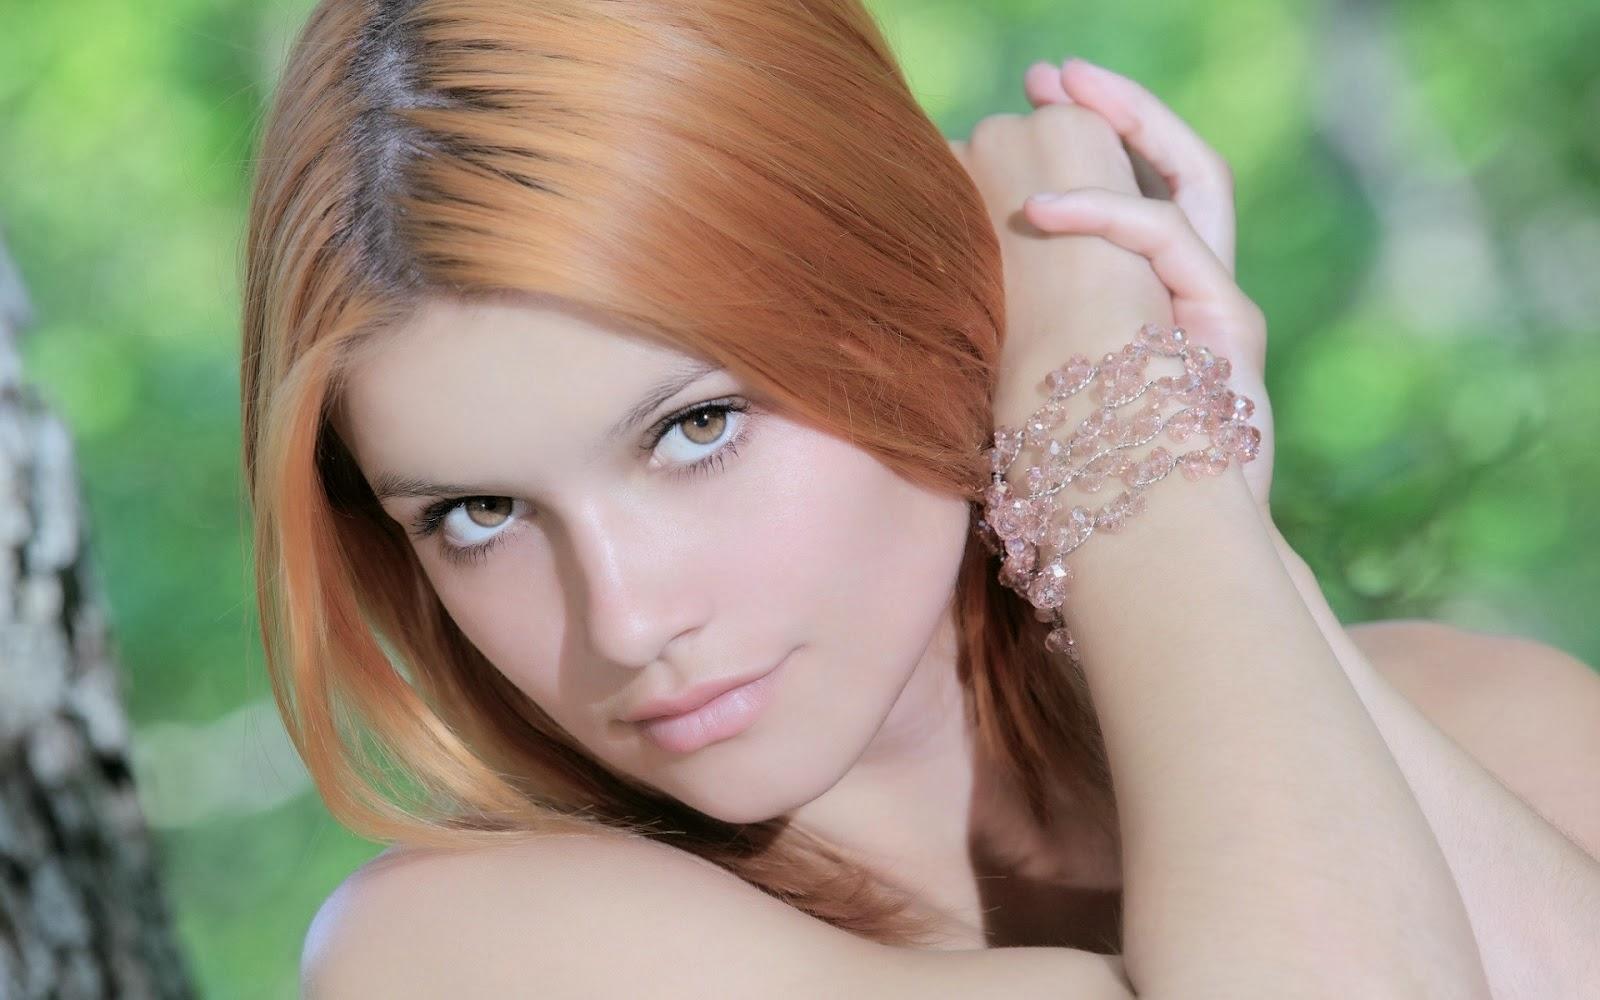 بالصور صور بنات اجمل صور رومانسية , صور بنات متحركة روعة 4223 4